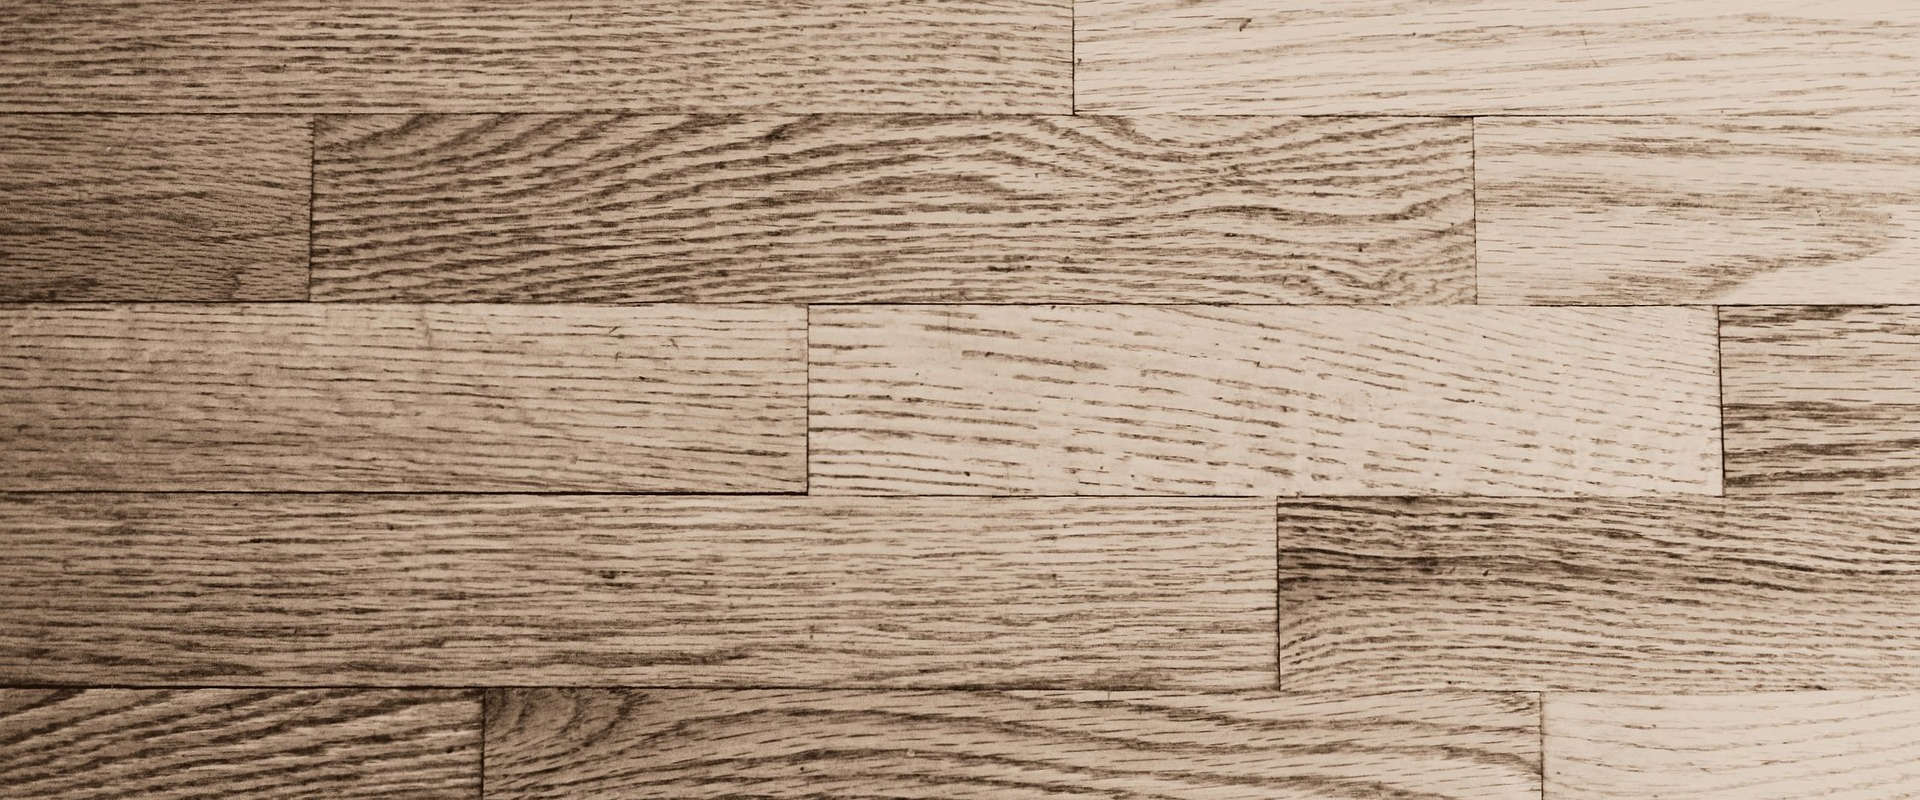 Prix pour la pose de plancher et le vernissage et sablage de plancher en bois franc